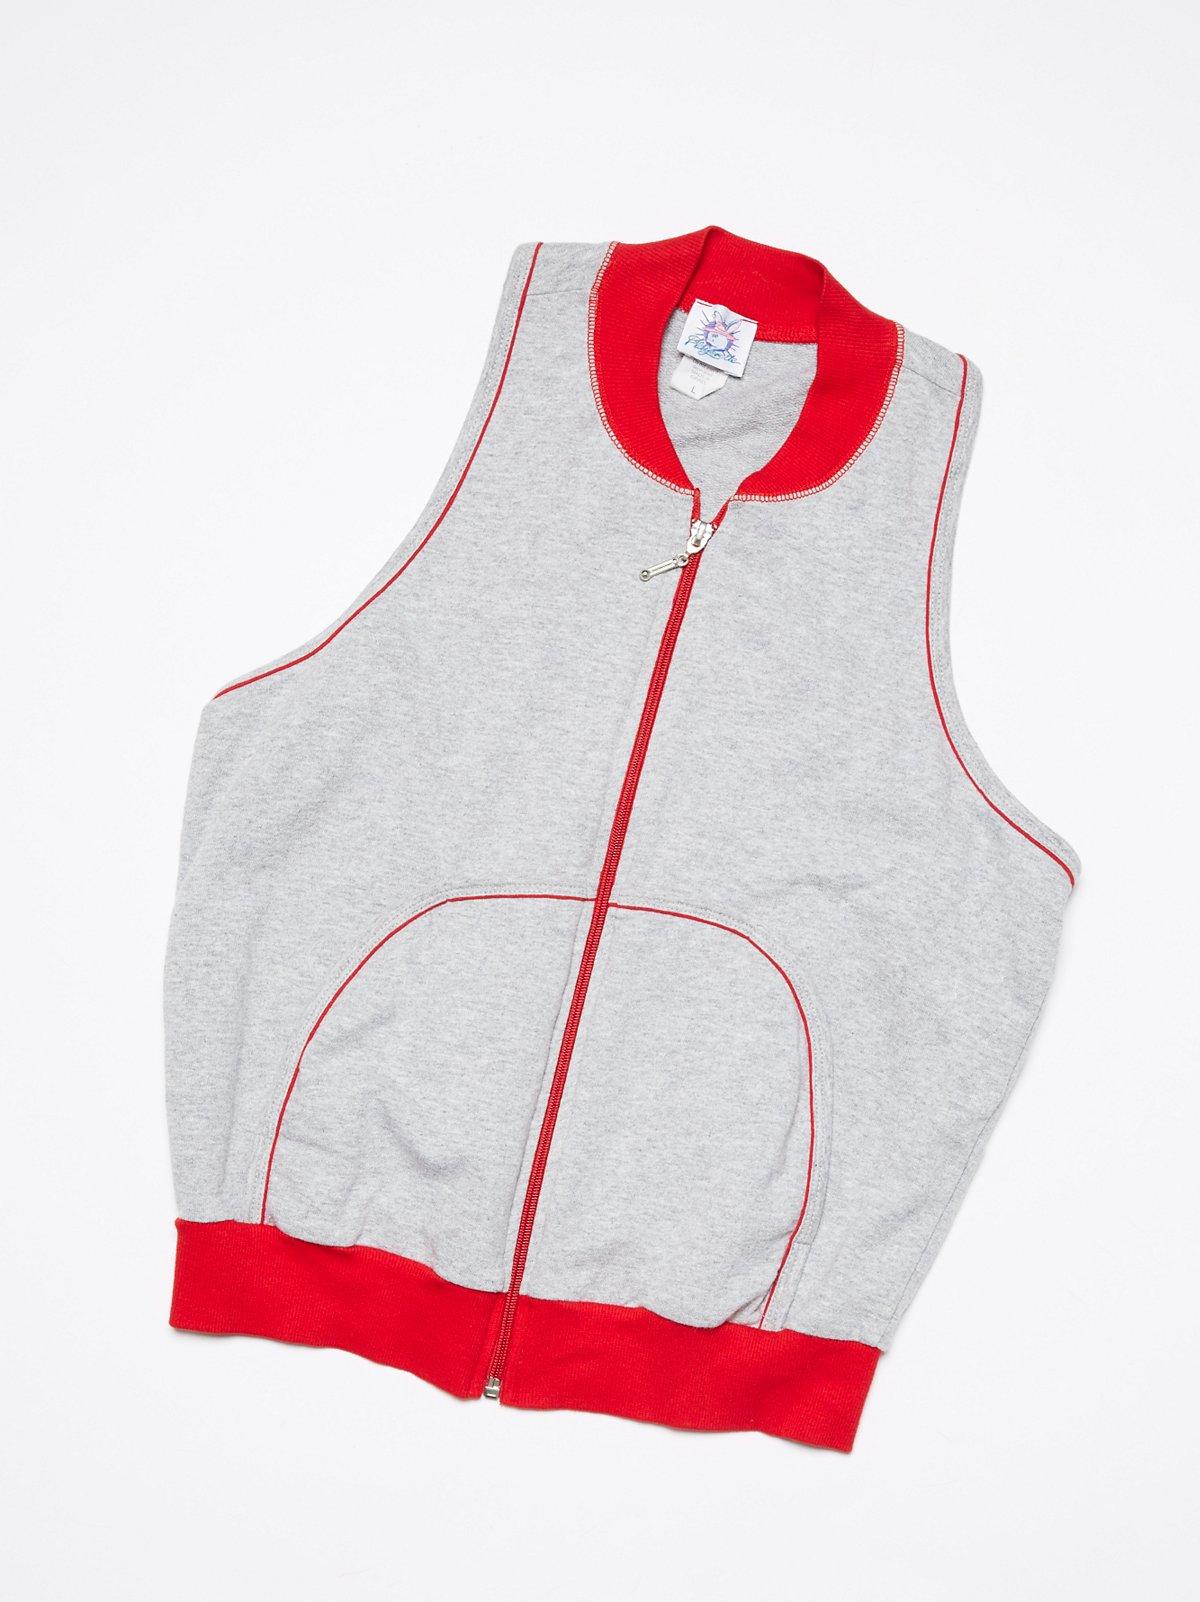 Vintage 1980s Sleeveless Track Jacket